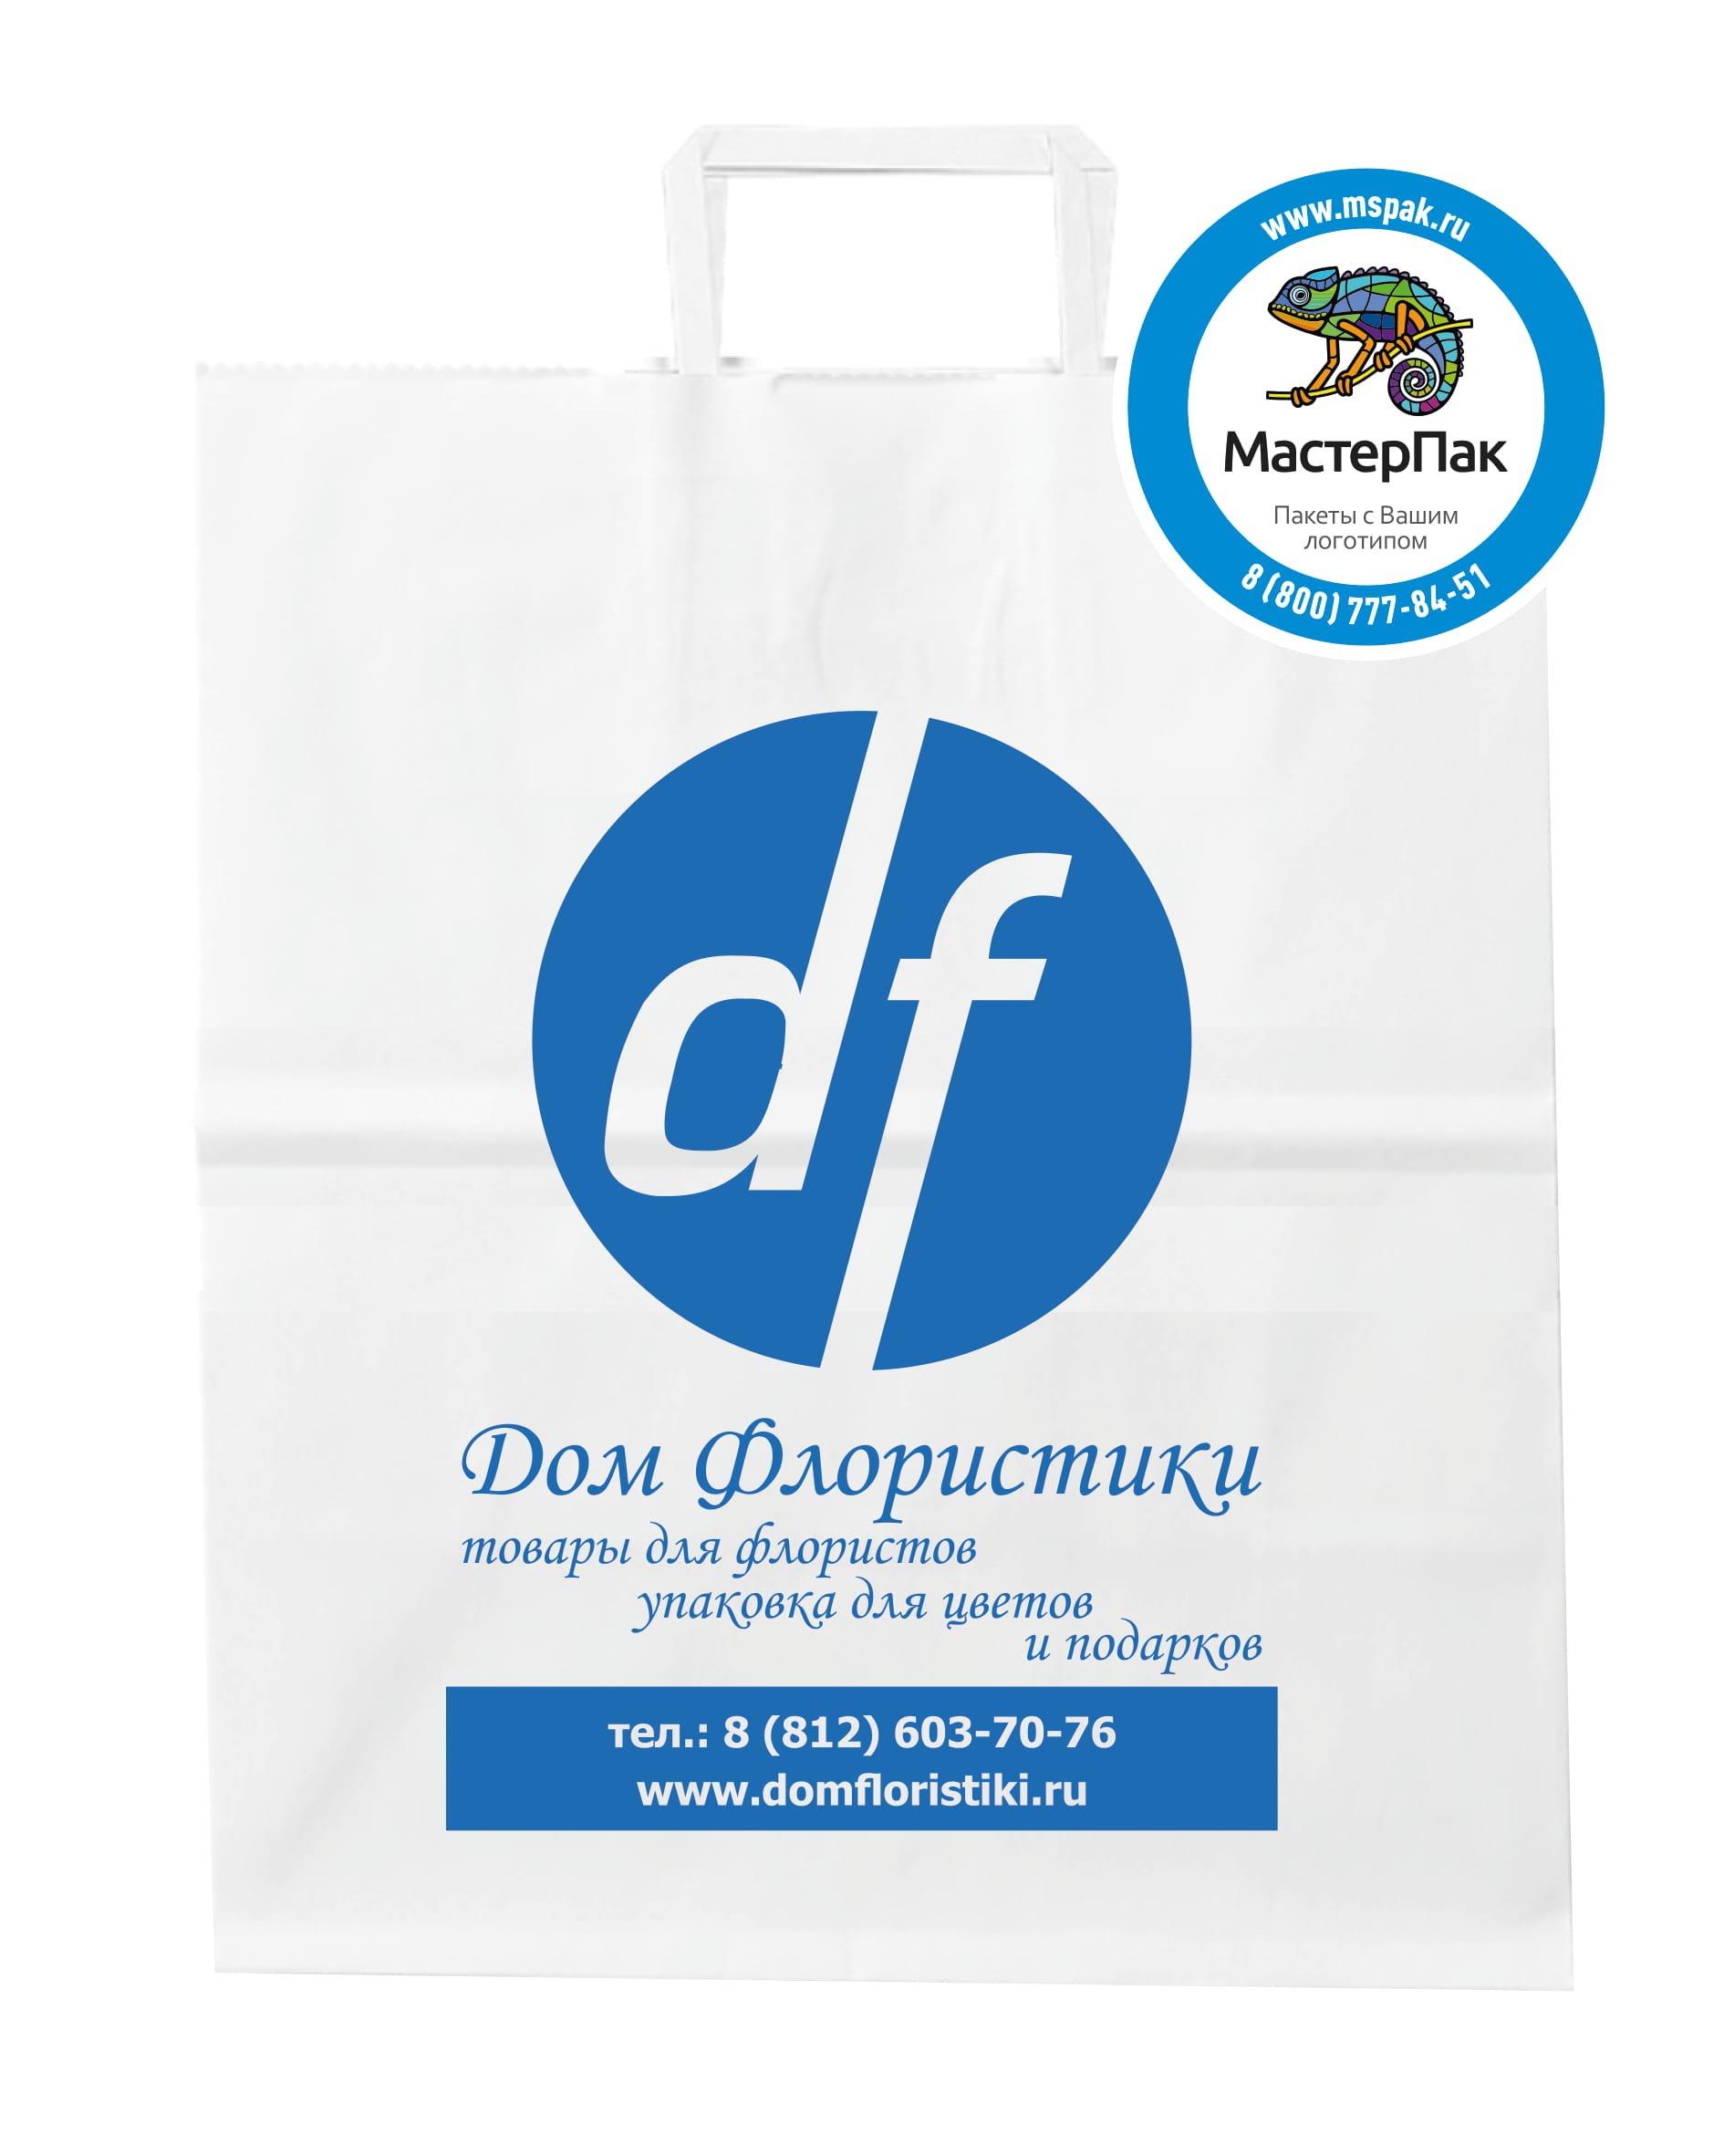 Пакет белый, бумажный, крафт с логотипом Дом Флористики, Спб